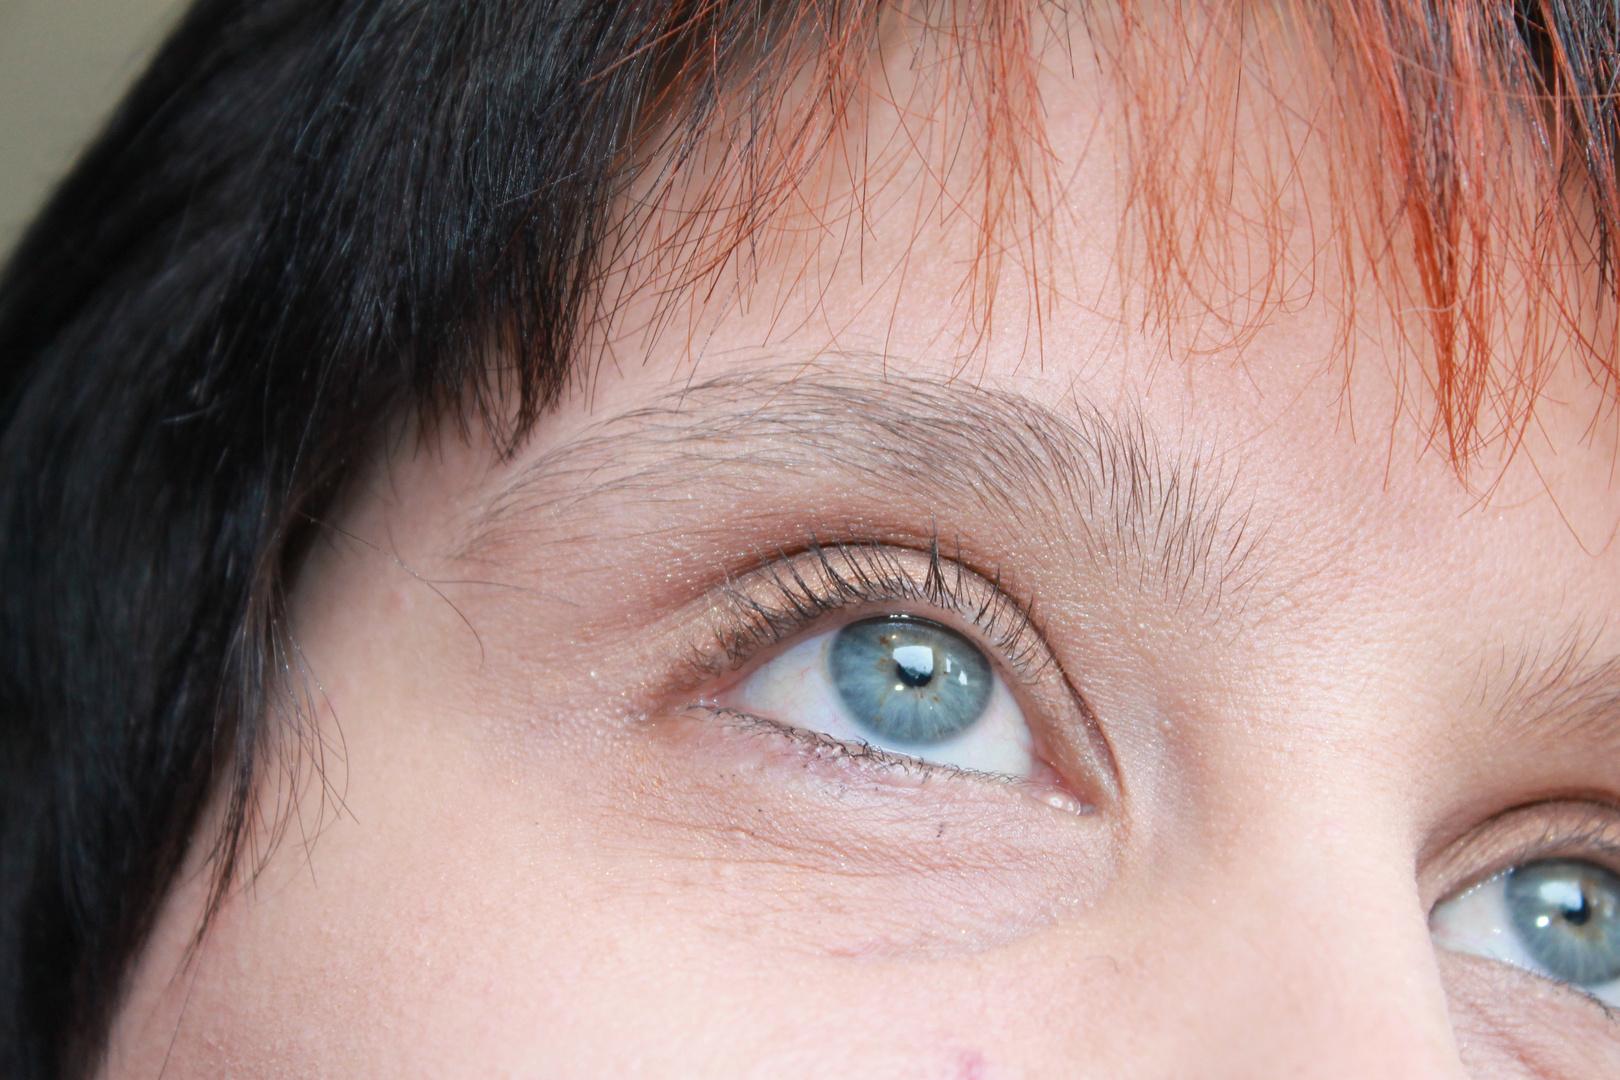 Augenpartie einer Frau